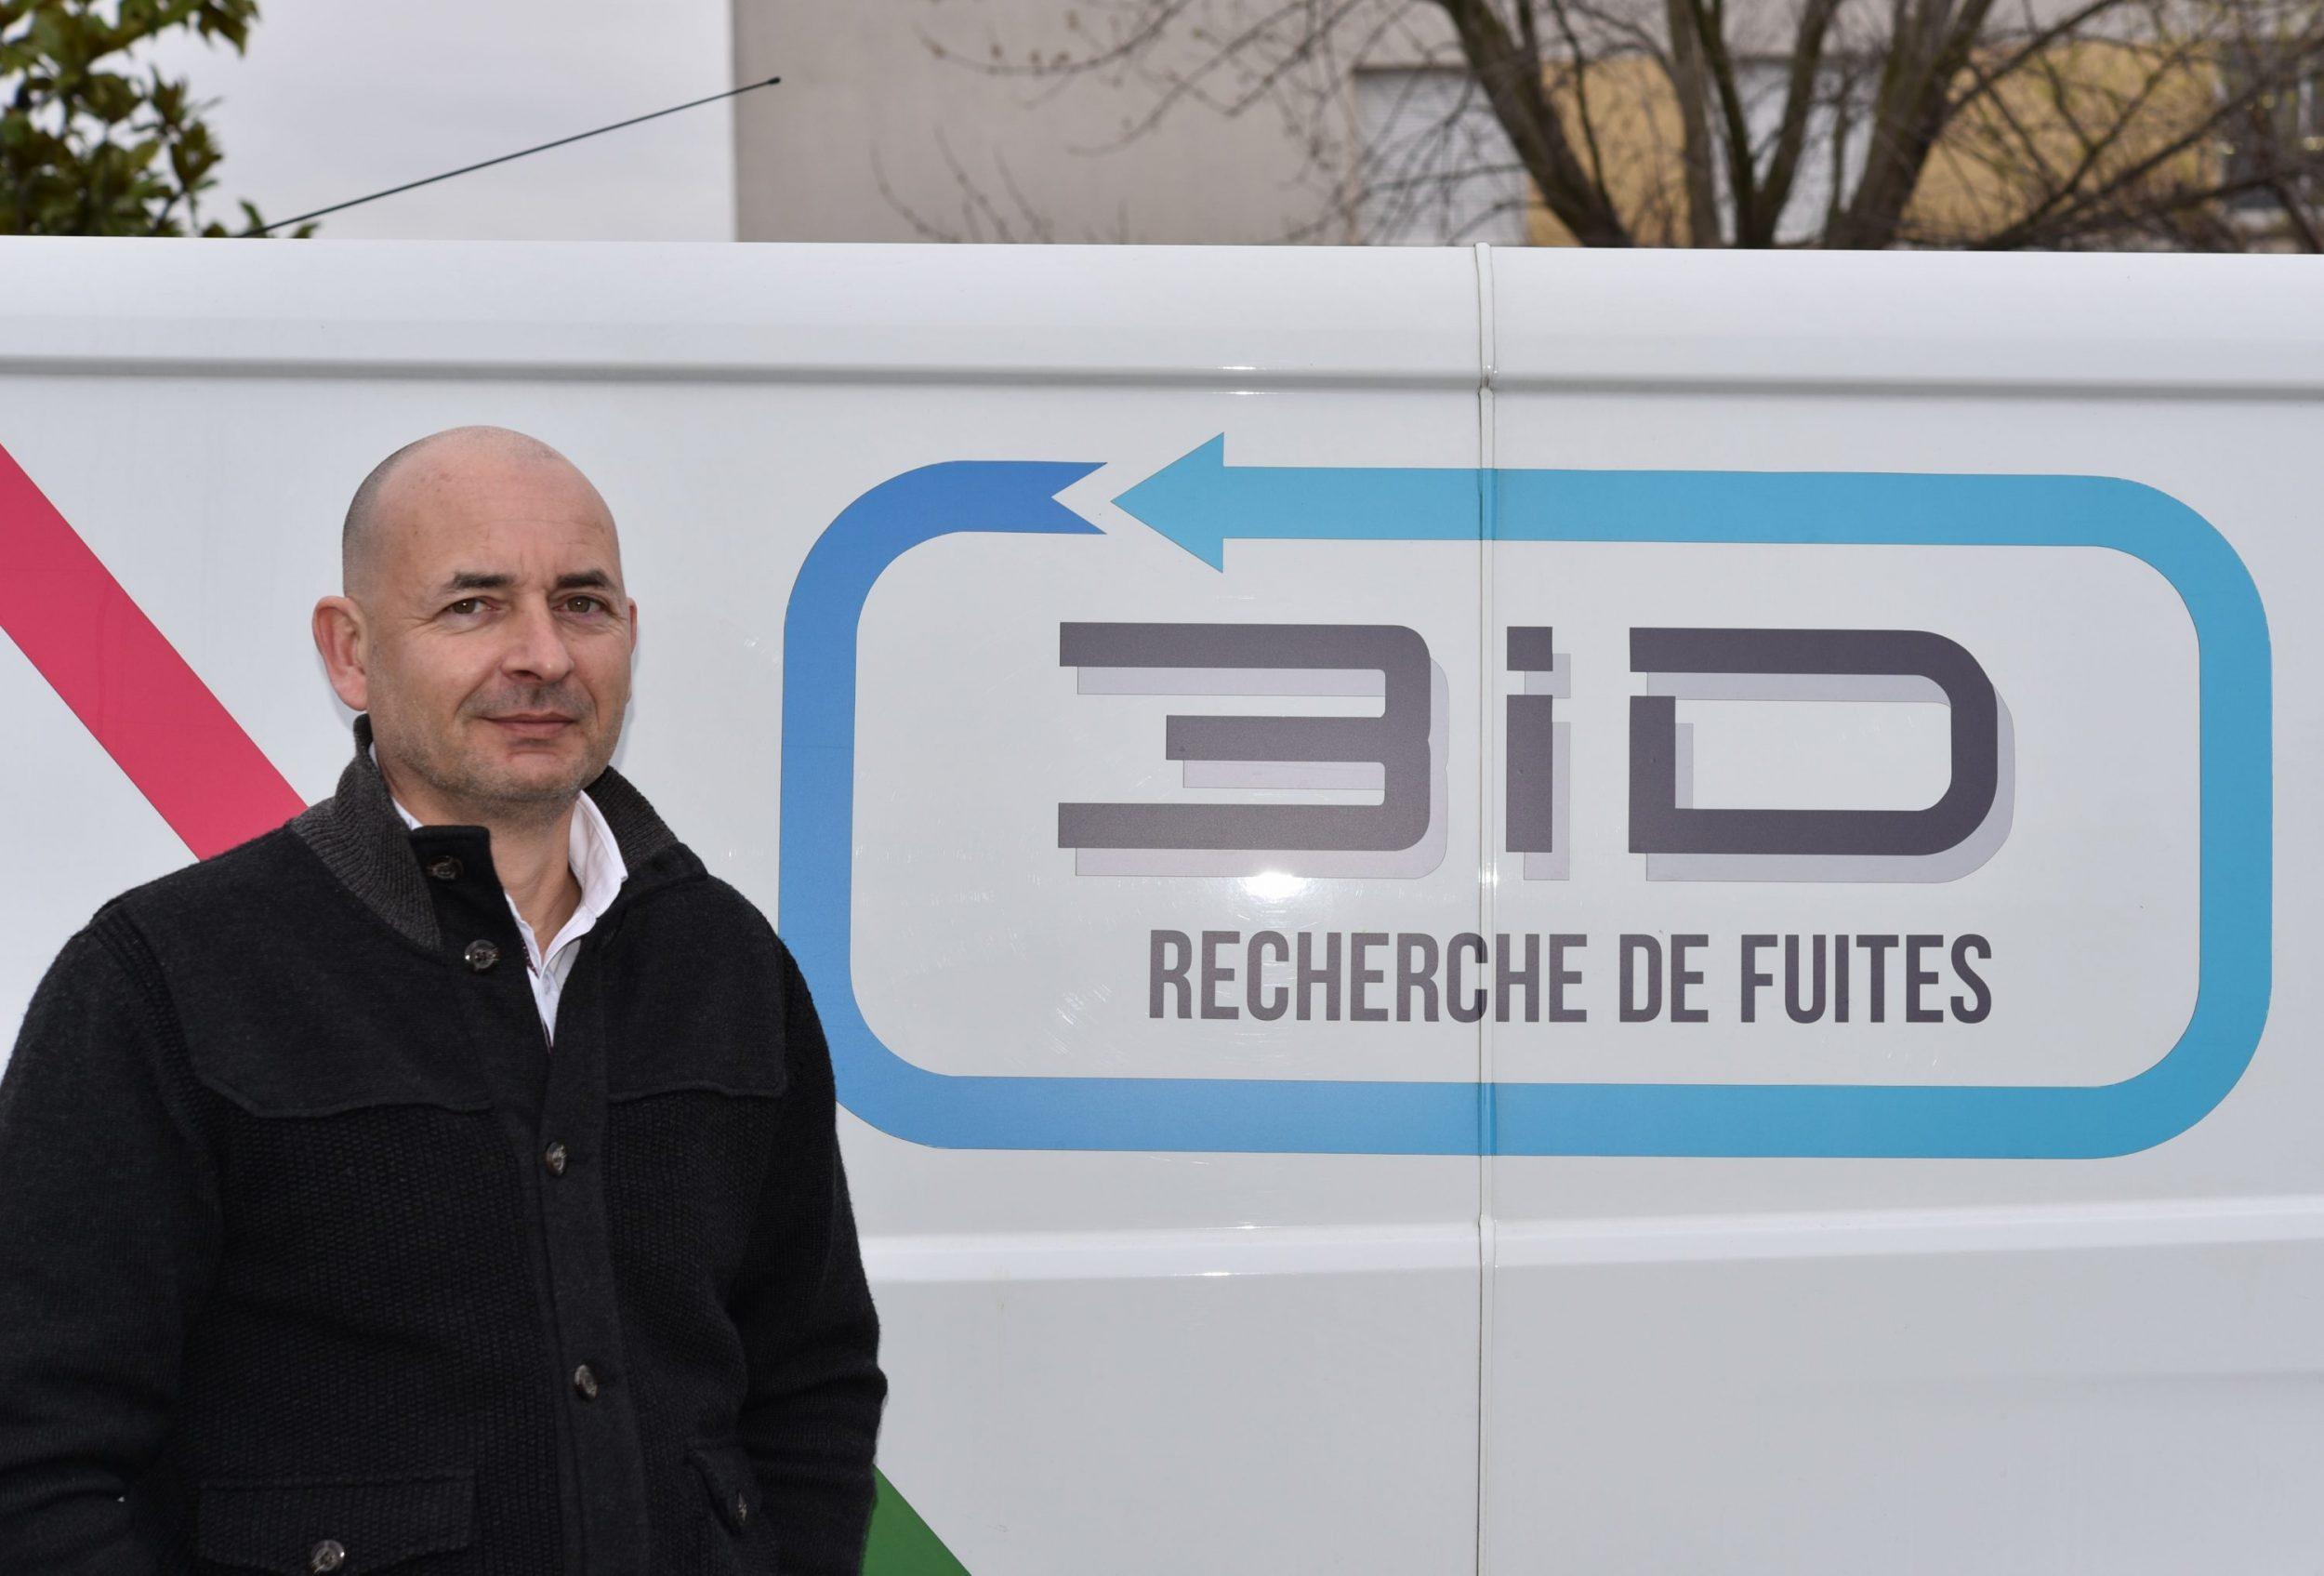 Bienvenue à Eric WURTHLIN, responsable développement recherche de fuites